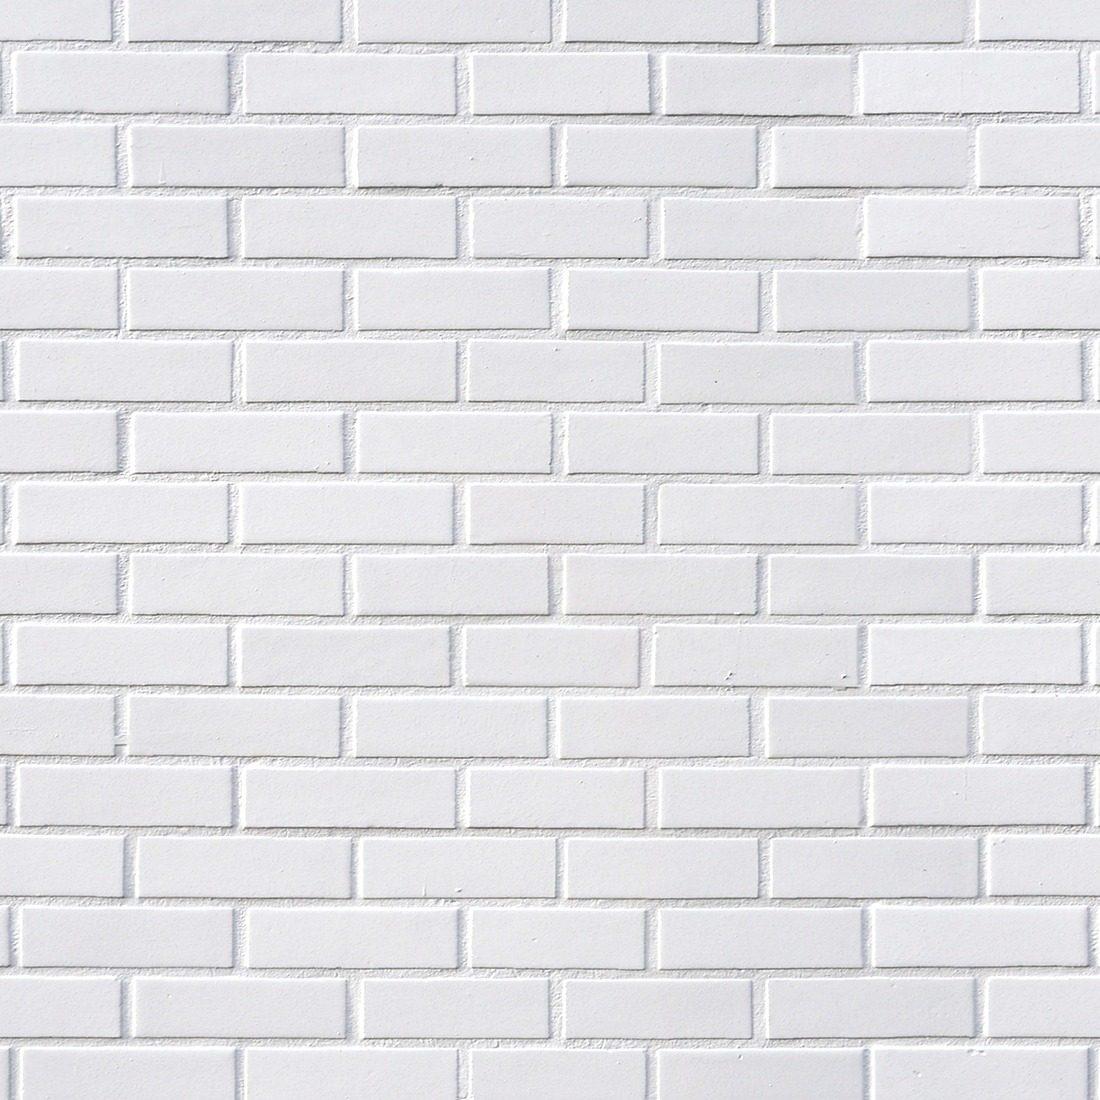 Http 3d Wallpaper Papel De Parede Tijolo Branco 310 X 58cm R 49 90 Em